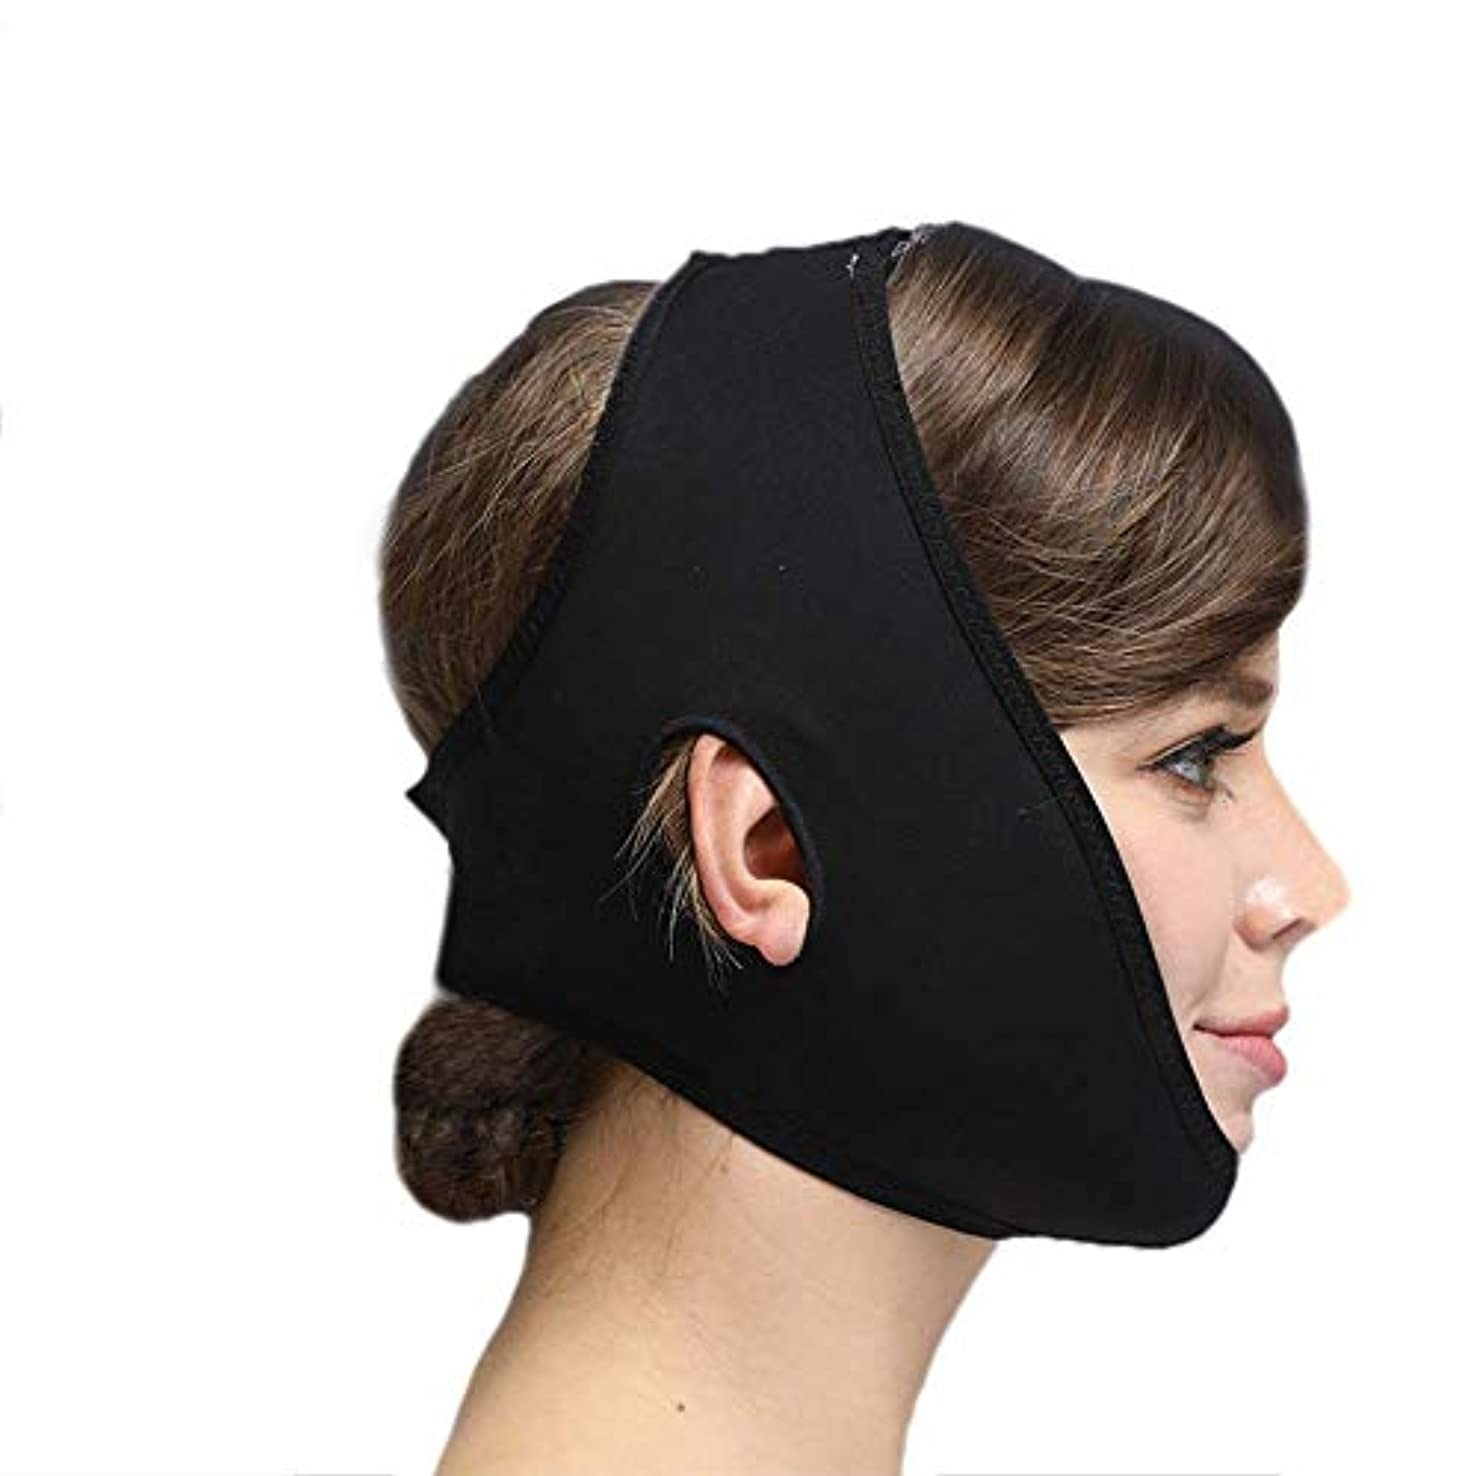 厚くする記述するティーンエイジャーフェイススリミングマスク、快適さと通気性、フェイシャルリフティング、輪郭の改善された硬さ、ファーミングとリフティングフェイス(カラー:ブラック、サイズ:XL),ブラック2、L